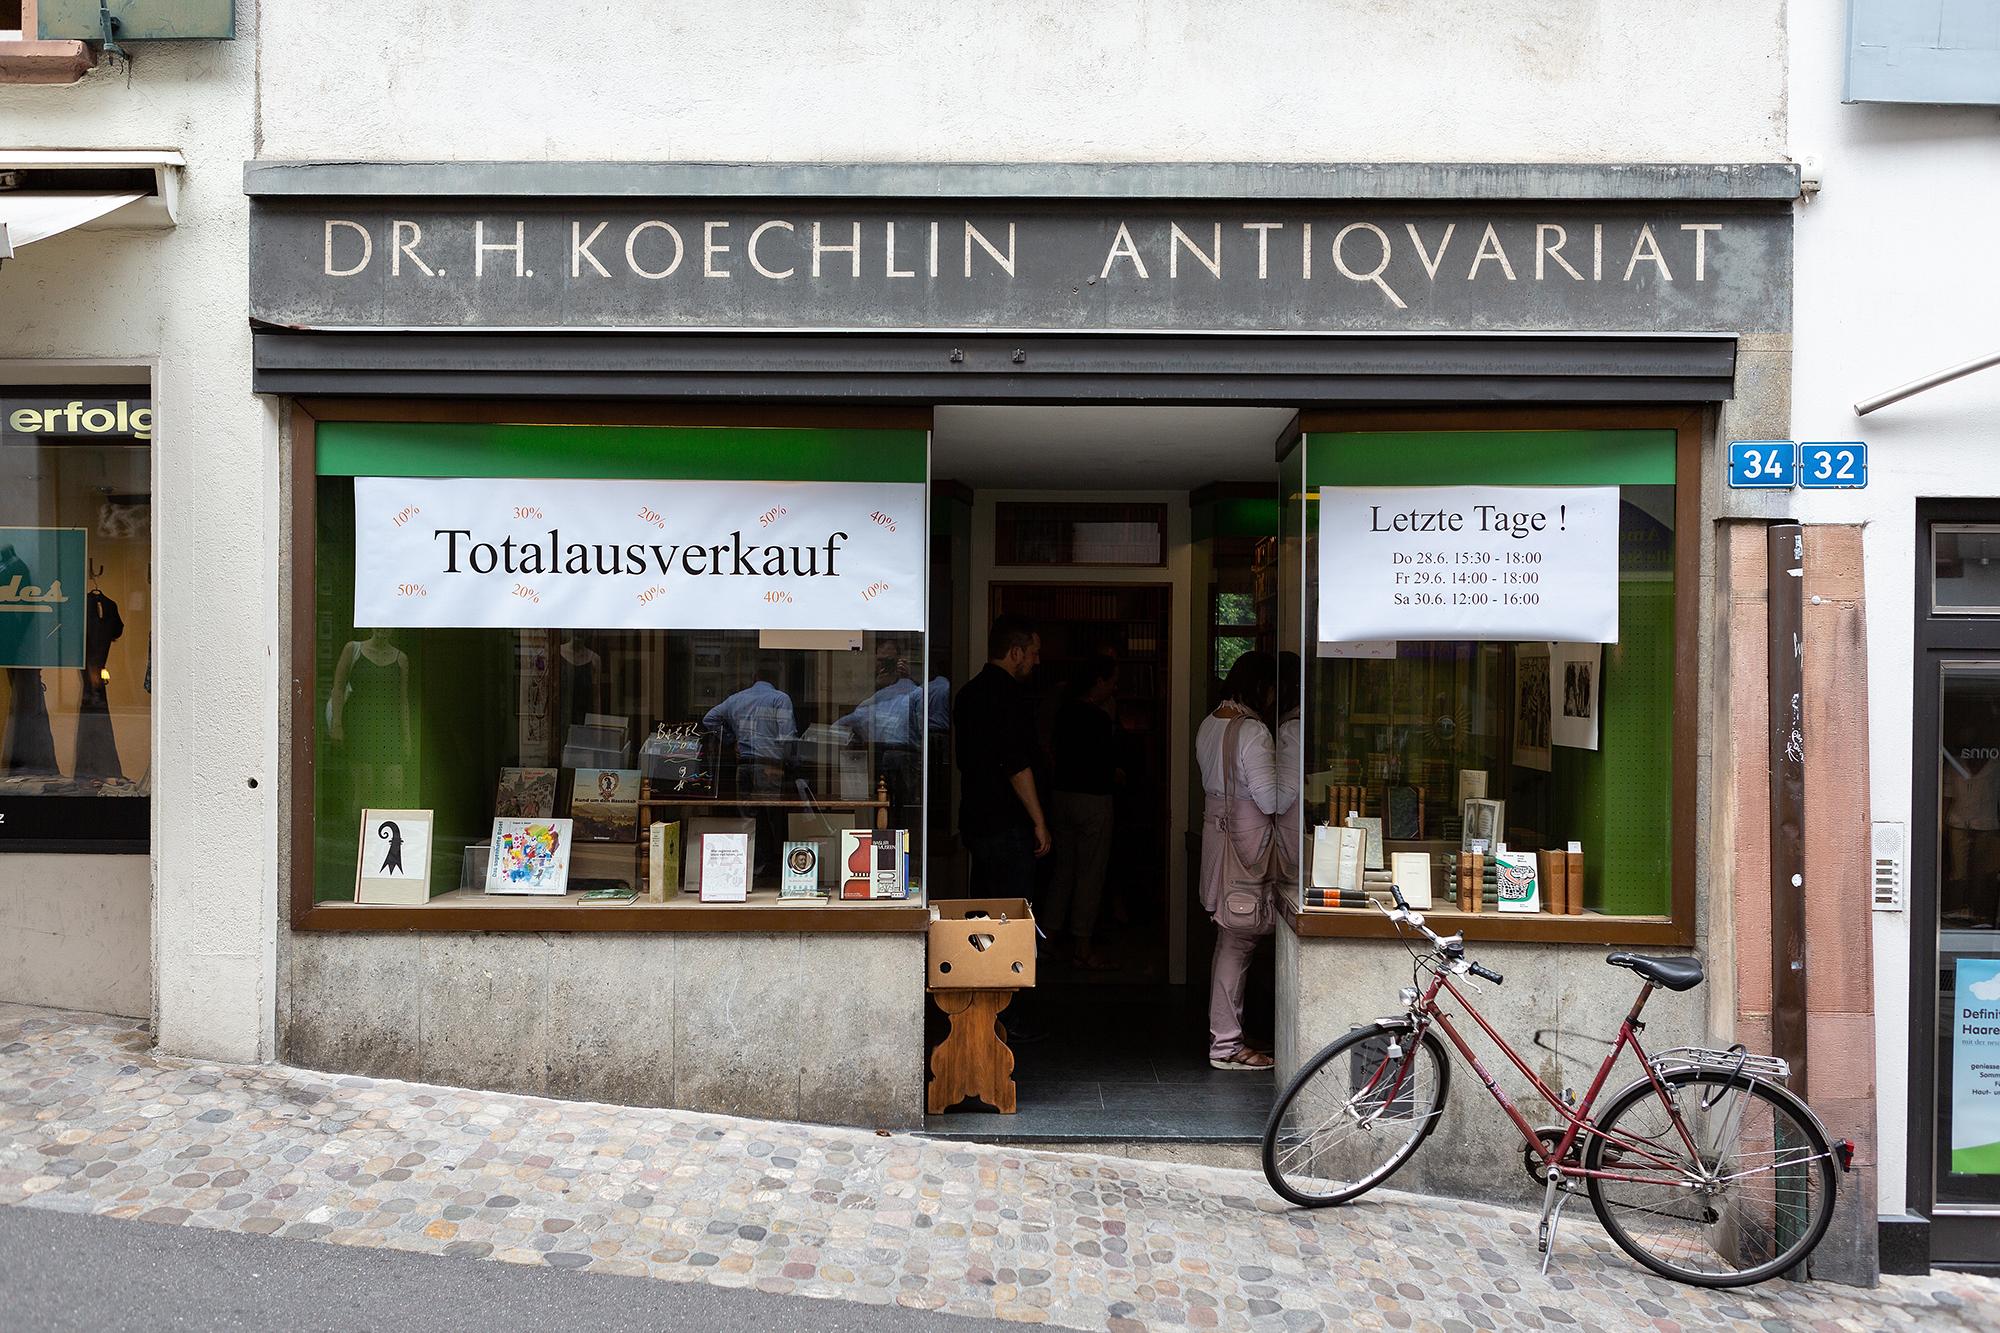 Das Antiquariat Dr. H. Koechlin am Spalenberg 34 gibt es nicht mehr.